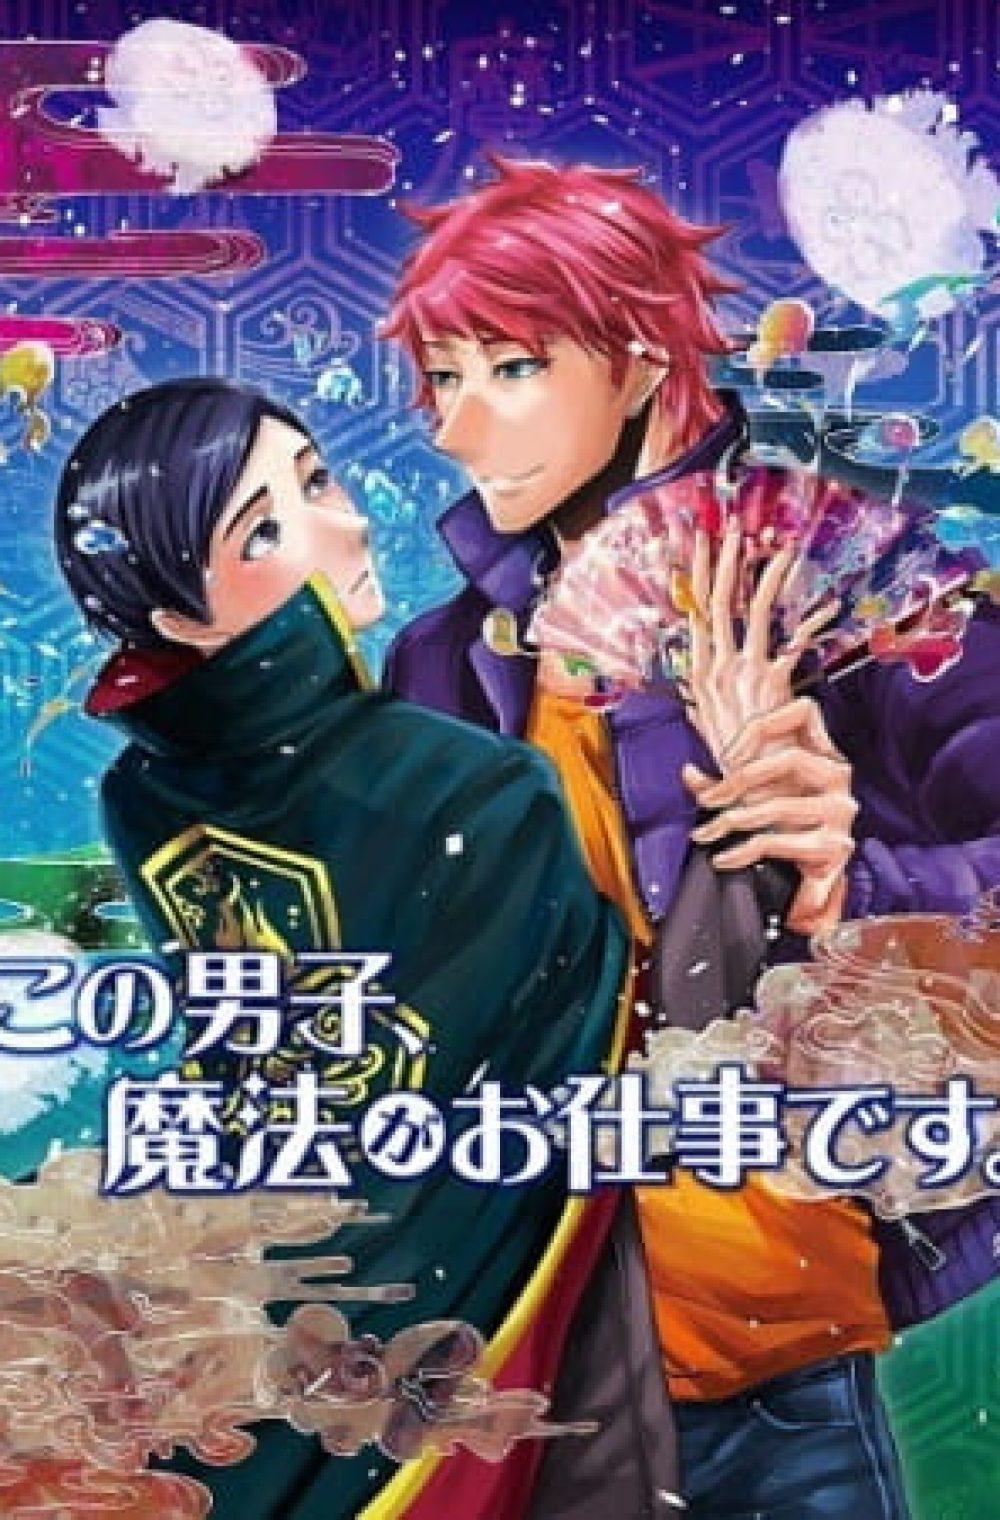 Kono Danshi, Mahou ga Oshigoto Desu – This Boy is a Professional Wizard